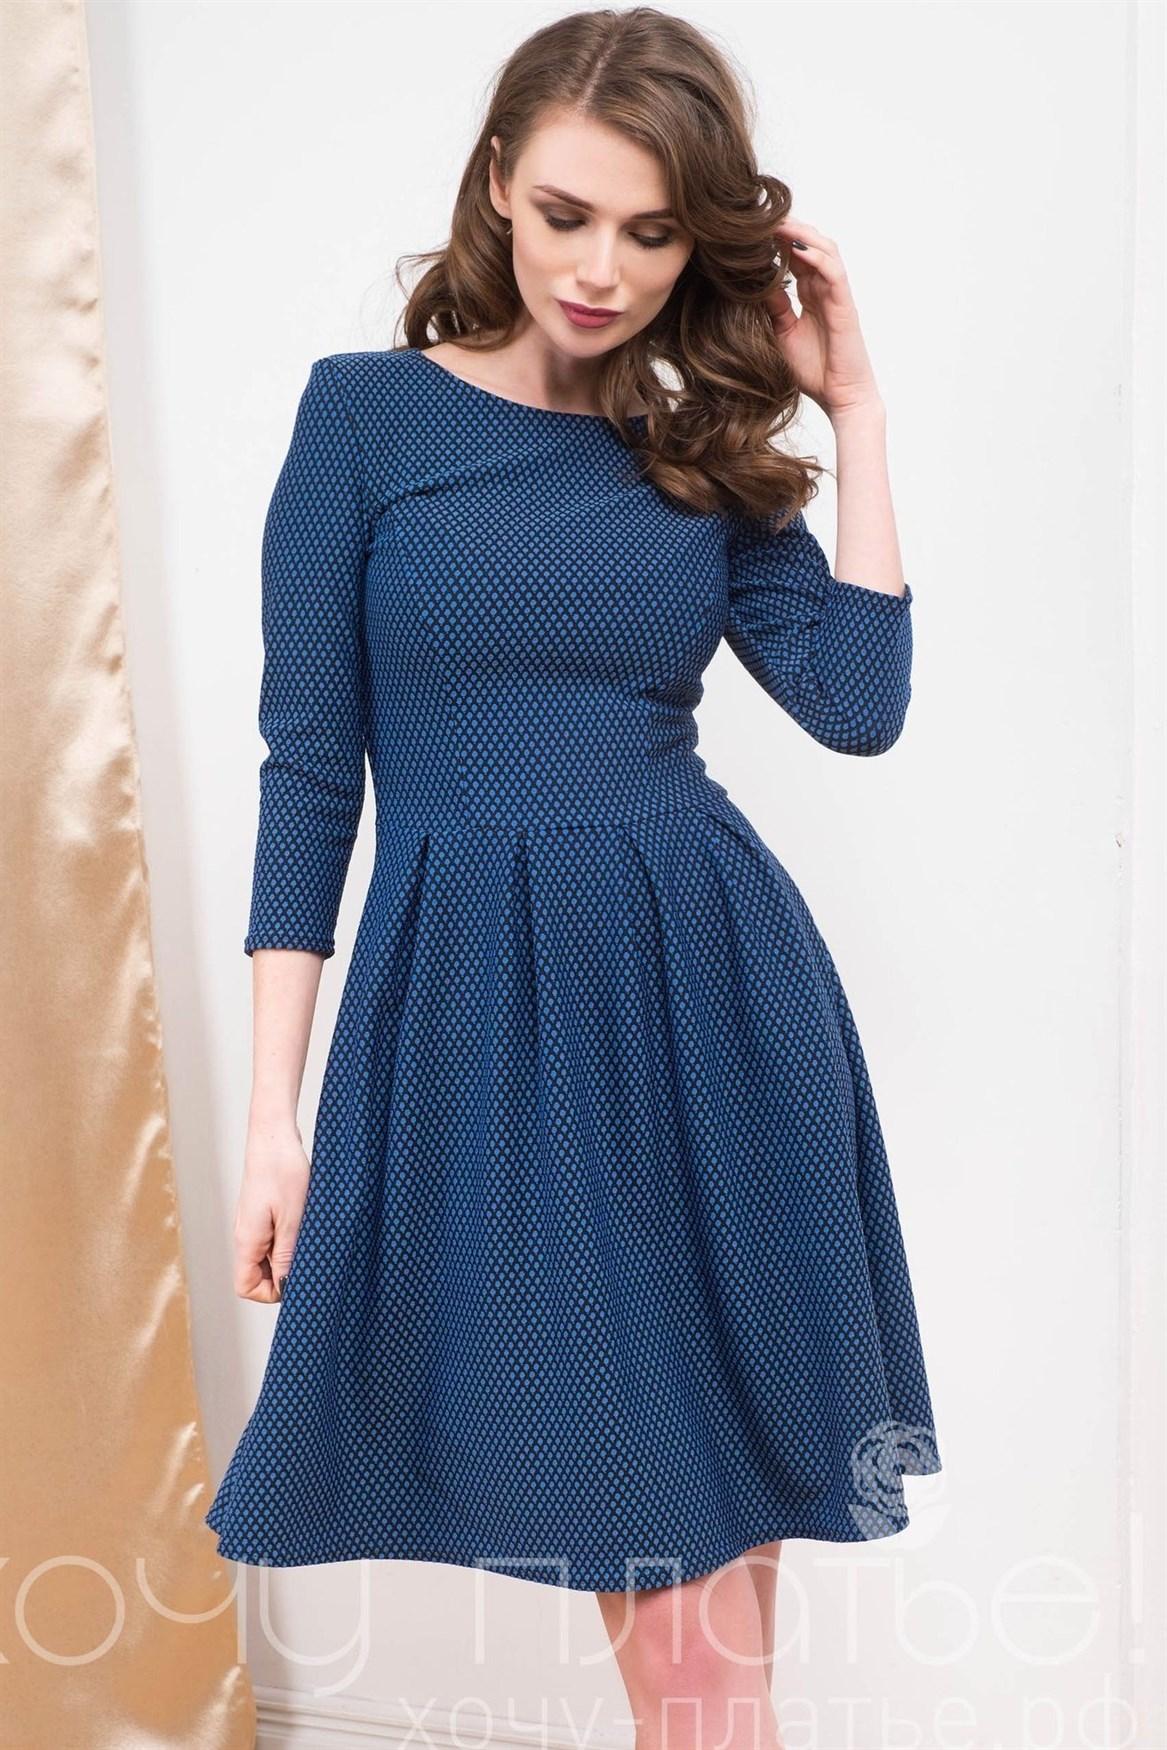 45-10 Платье - фото 5221